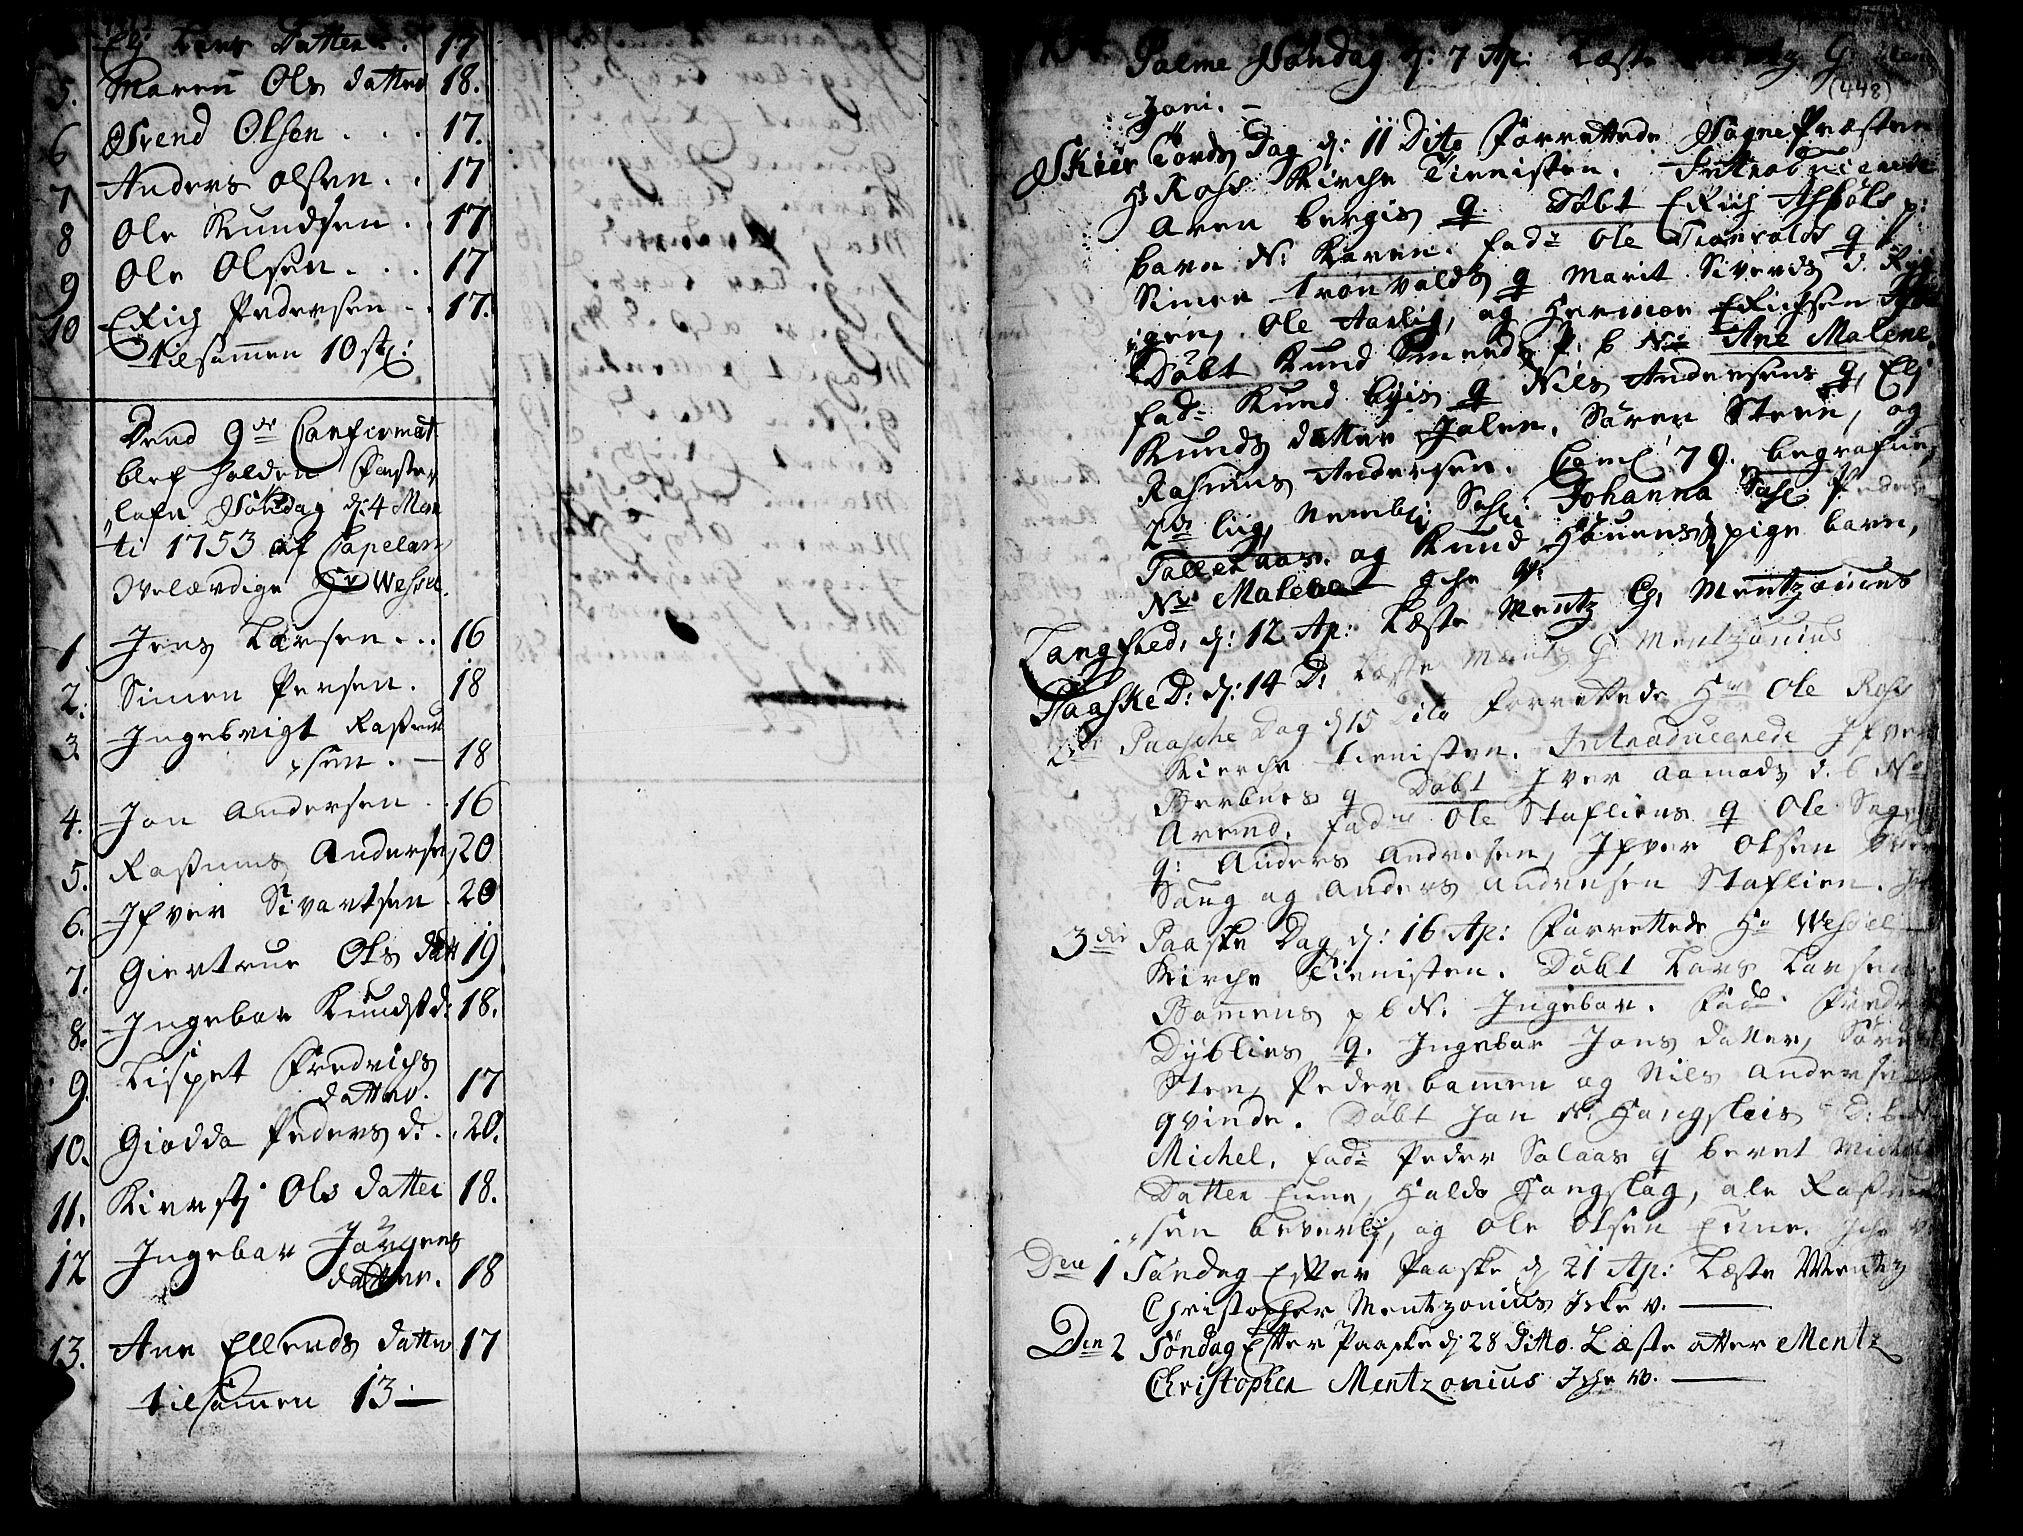 SAT, Ministerialprotokoller, klokkerbøker og fødselsregistre - Sør-Trøndelag, 671/L0839: Ministerialbok nr. 671A01, 1730-1755, s. 447-448